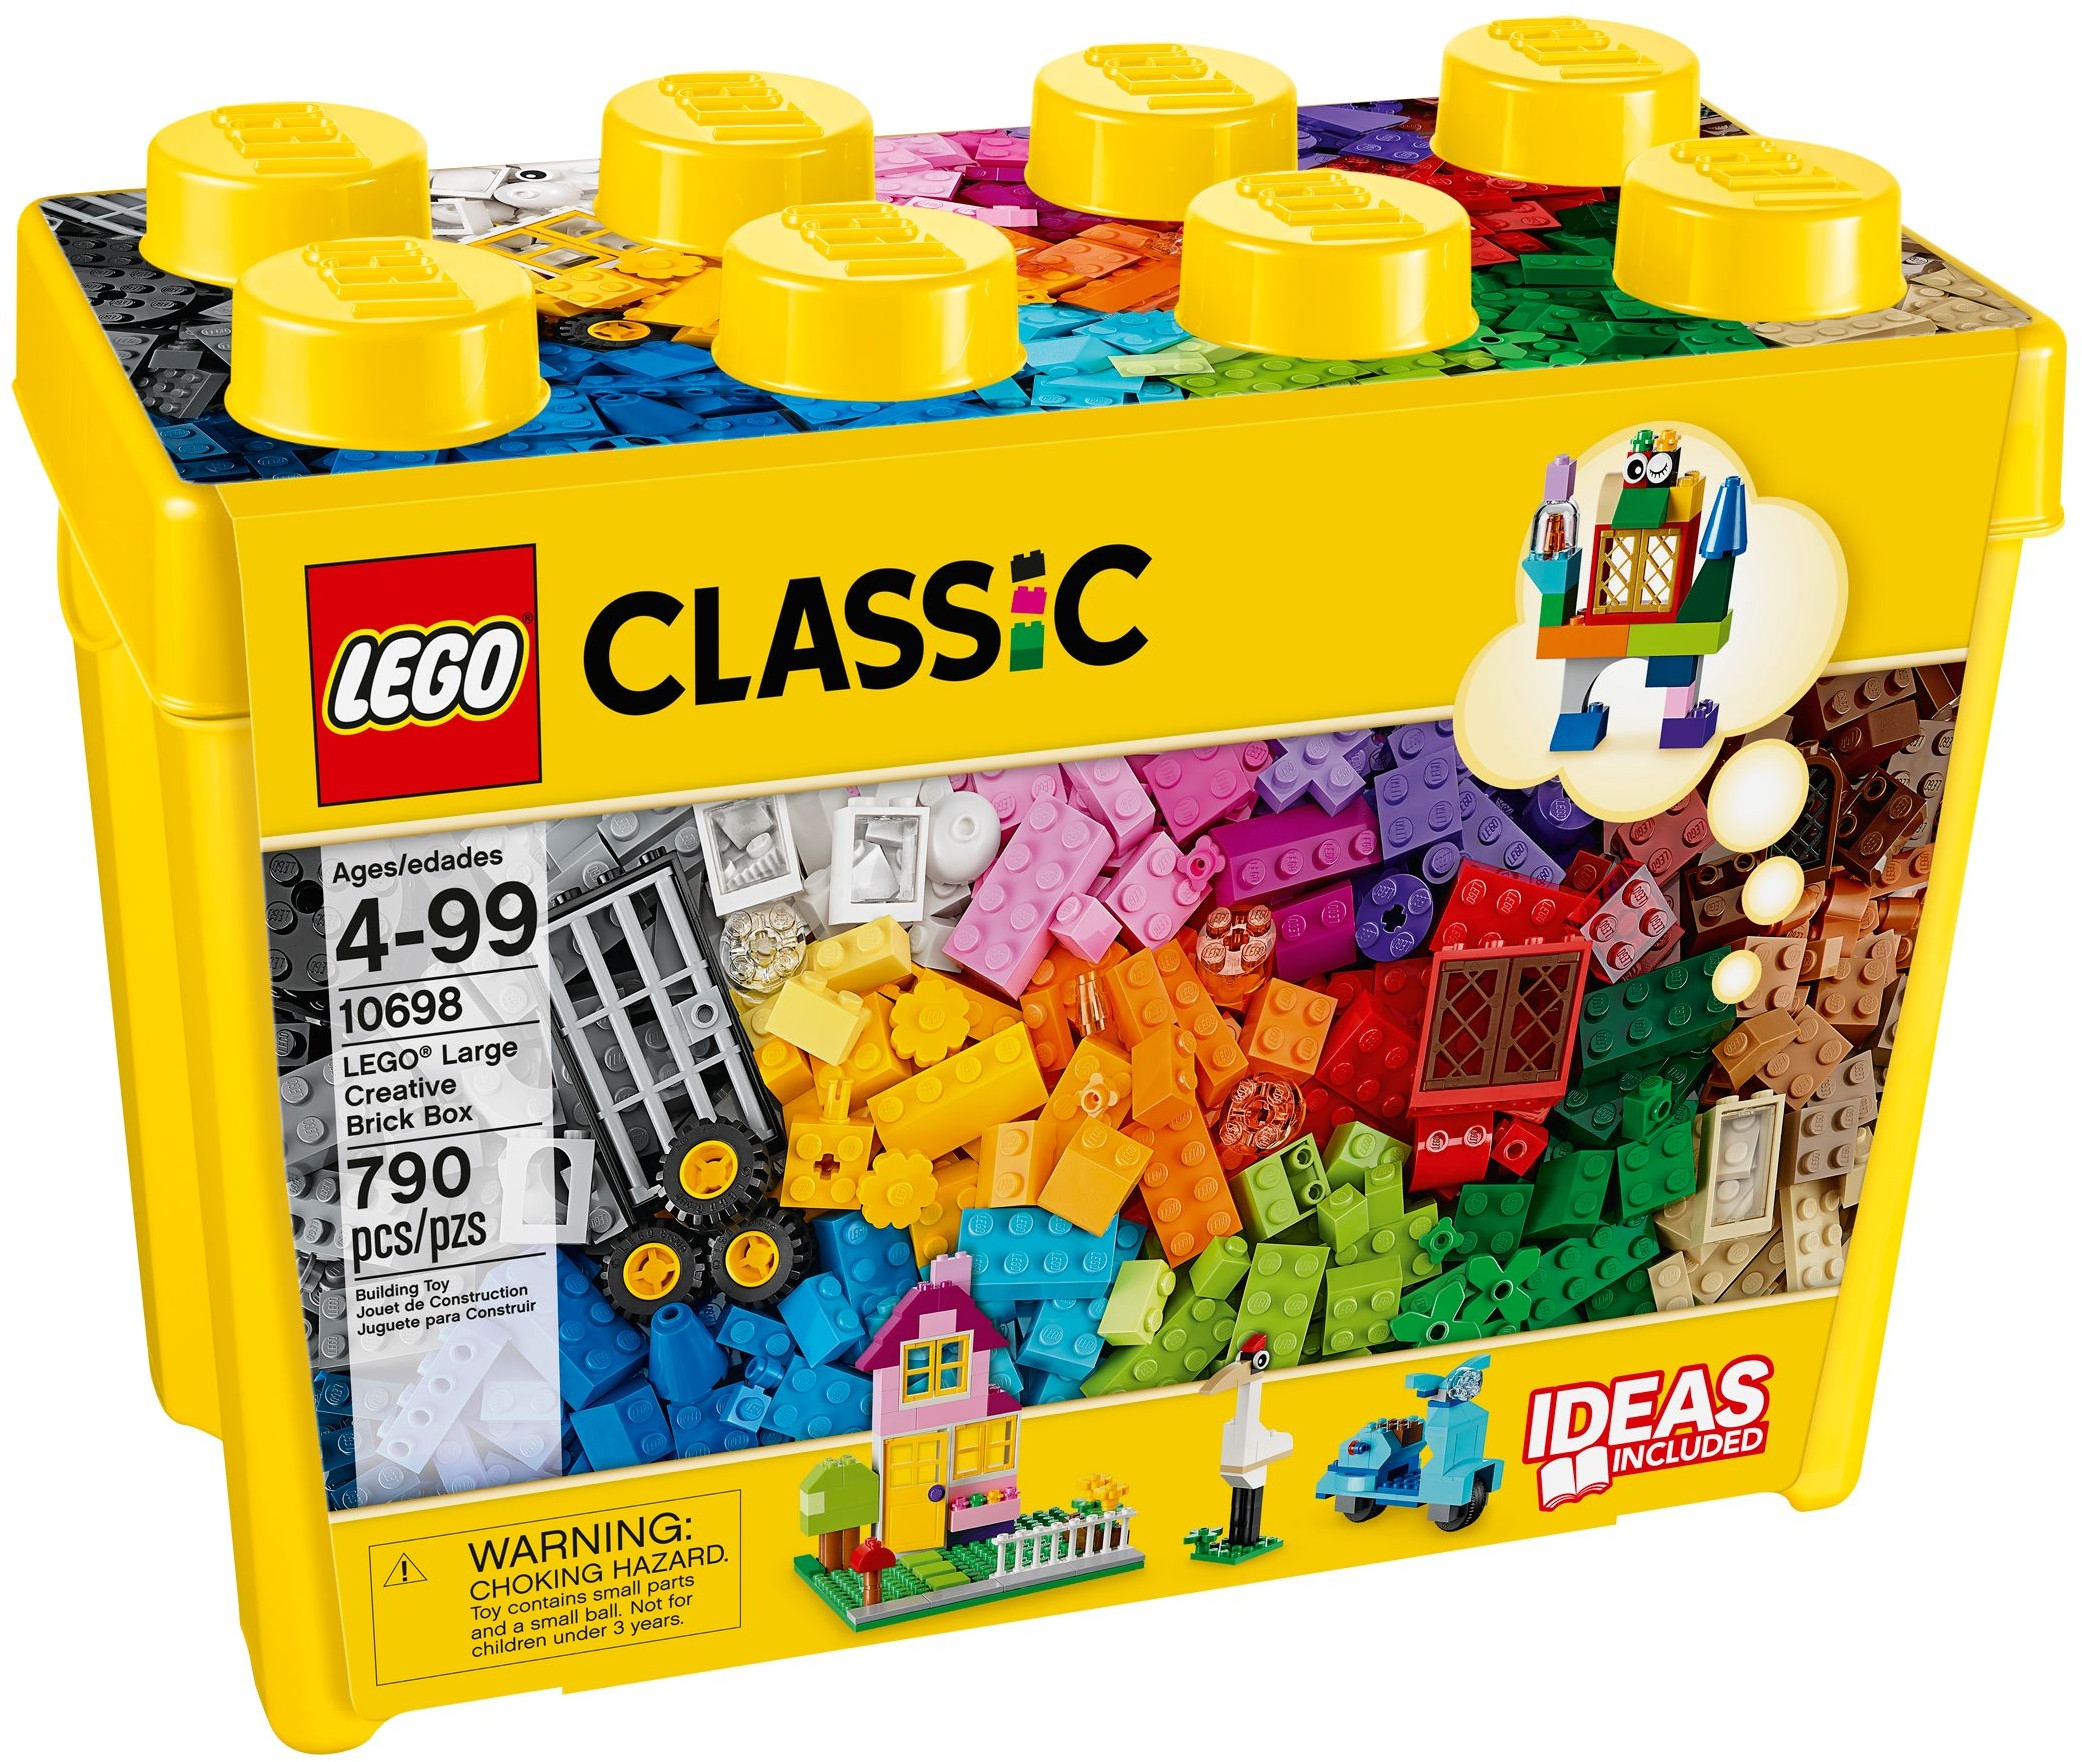 LEGO CLASSIC Kreatywne Duże Pudełko 10698